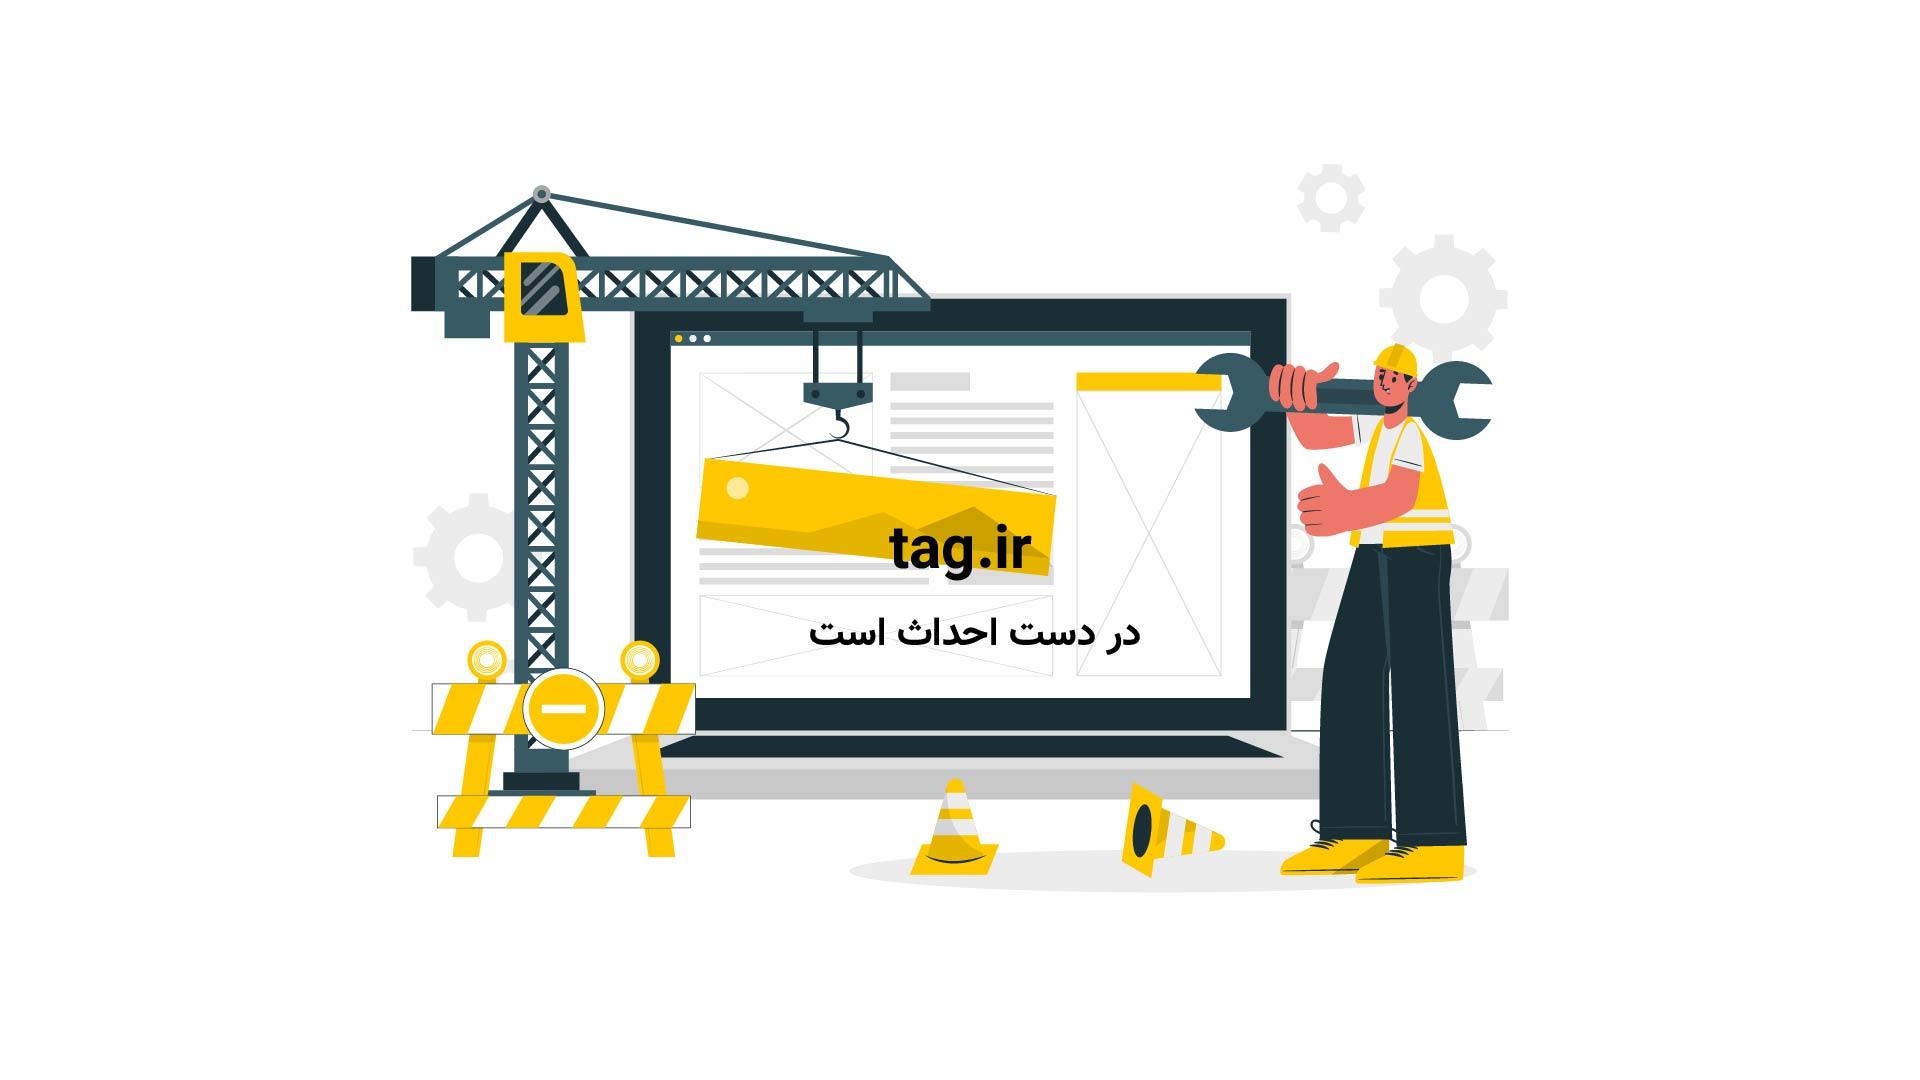 آموزش ترفندهای ساده و کاربردی در آشپزی | فیلم